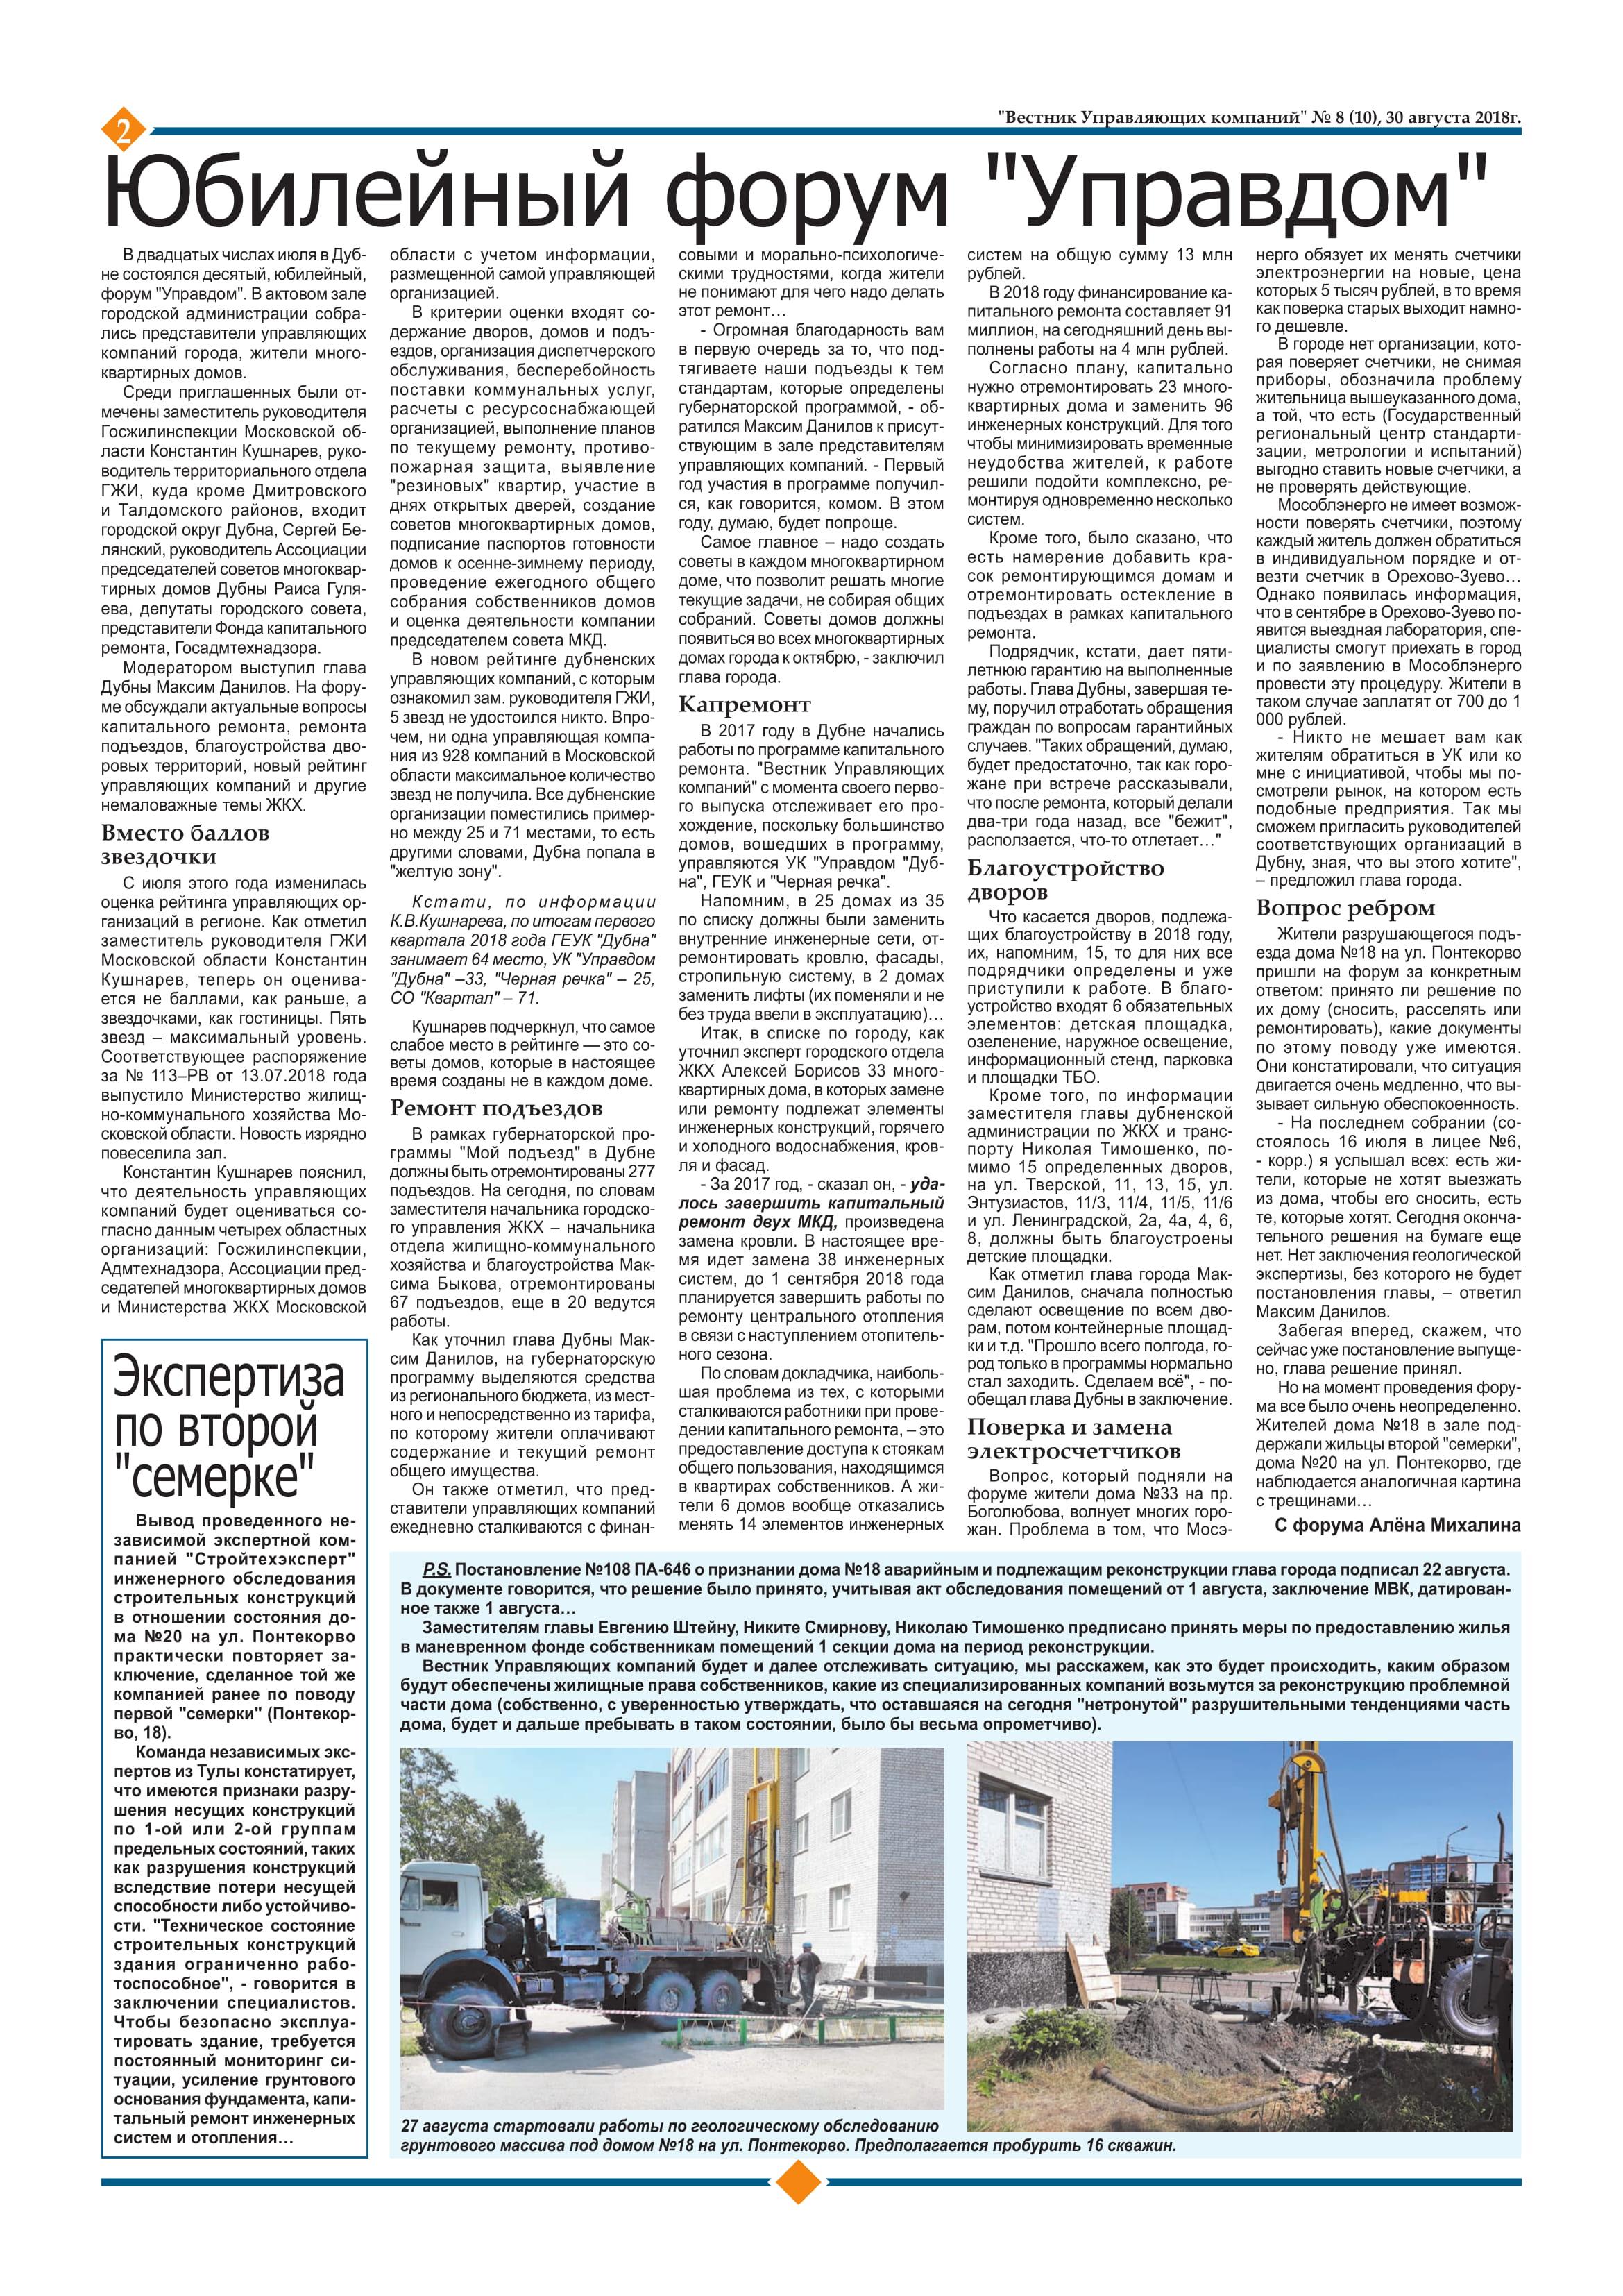 Вестник управляющих компаний 8(10) 30 августа 2018-2